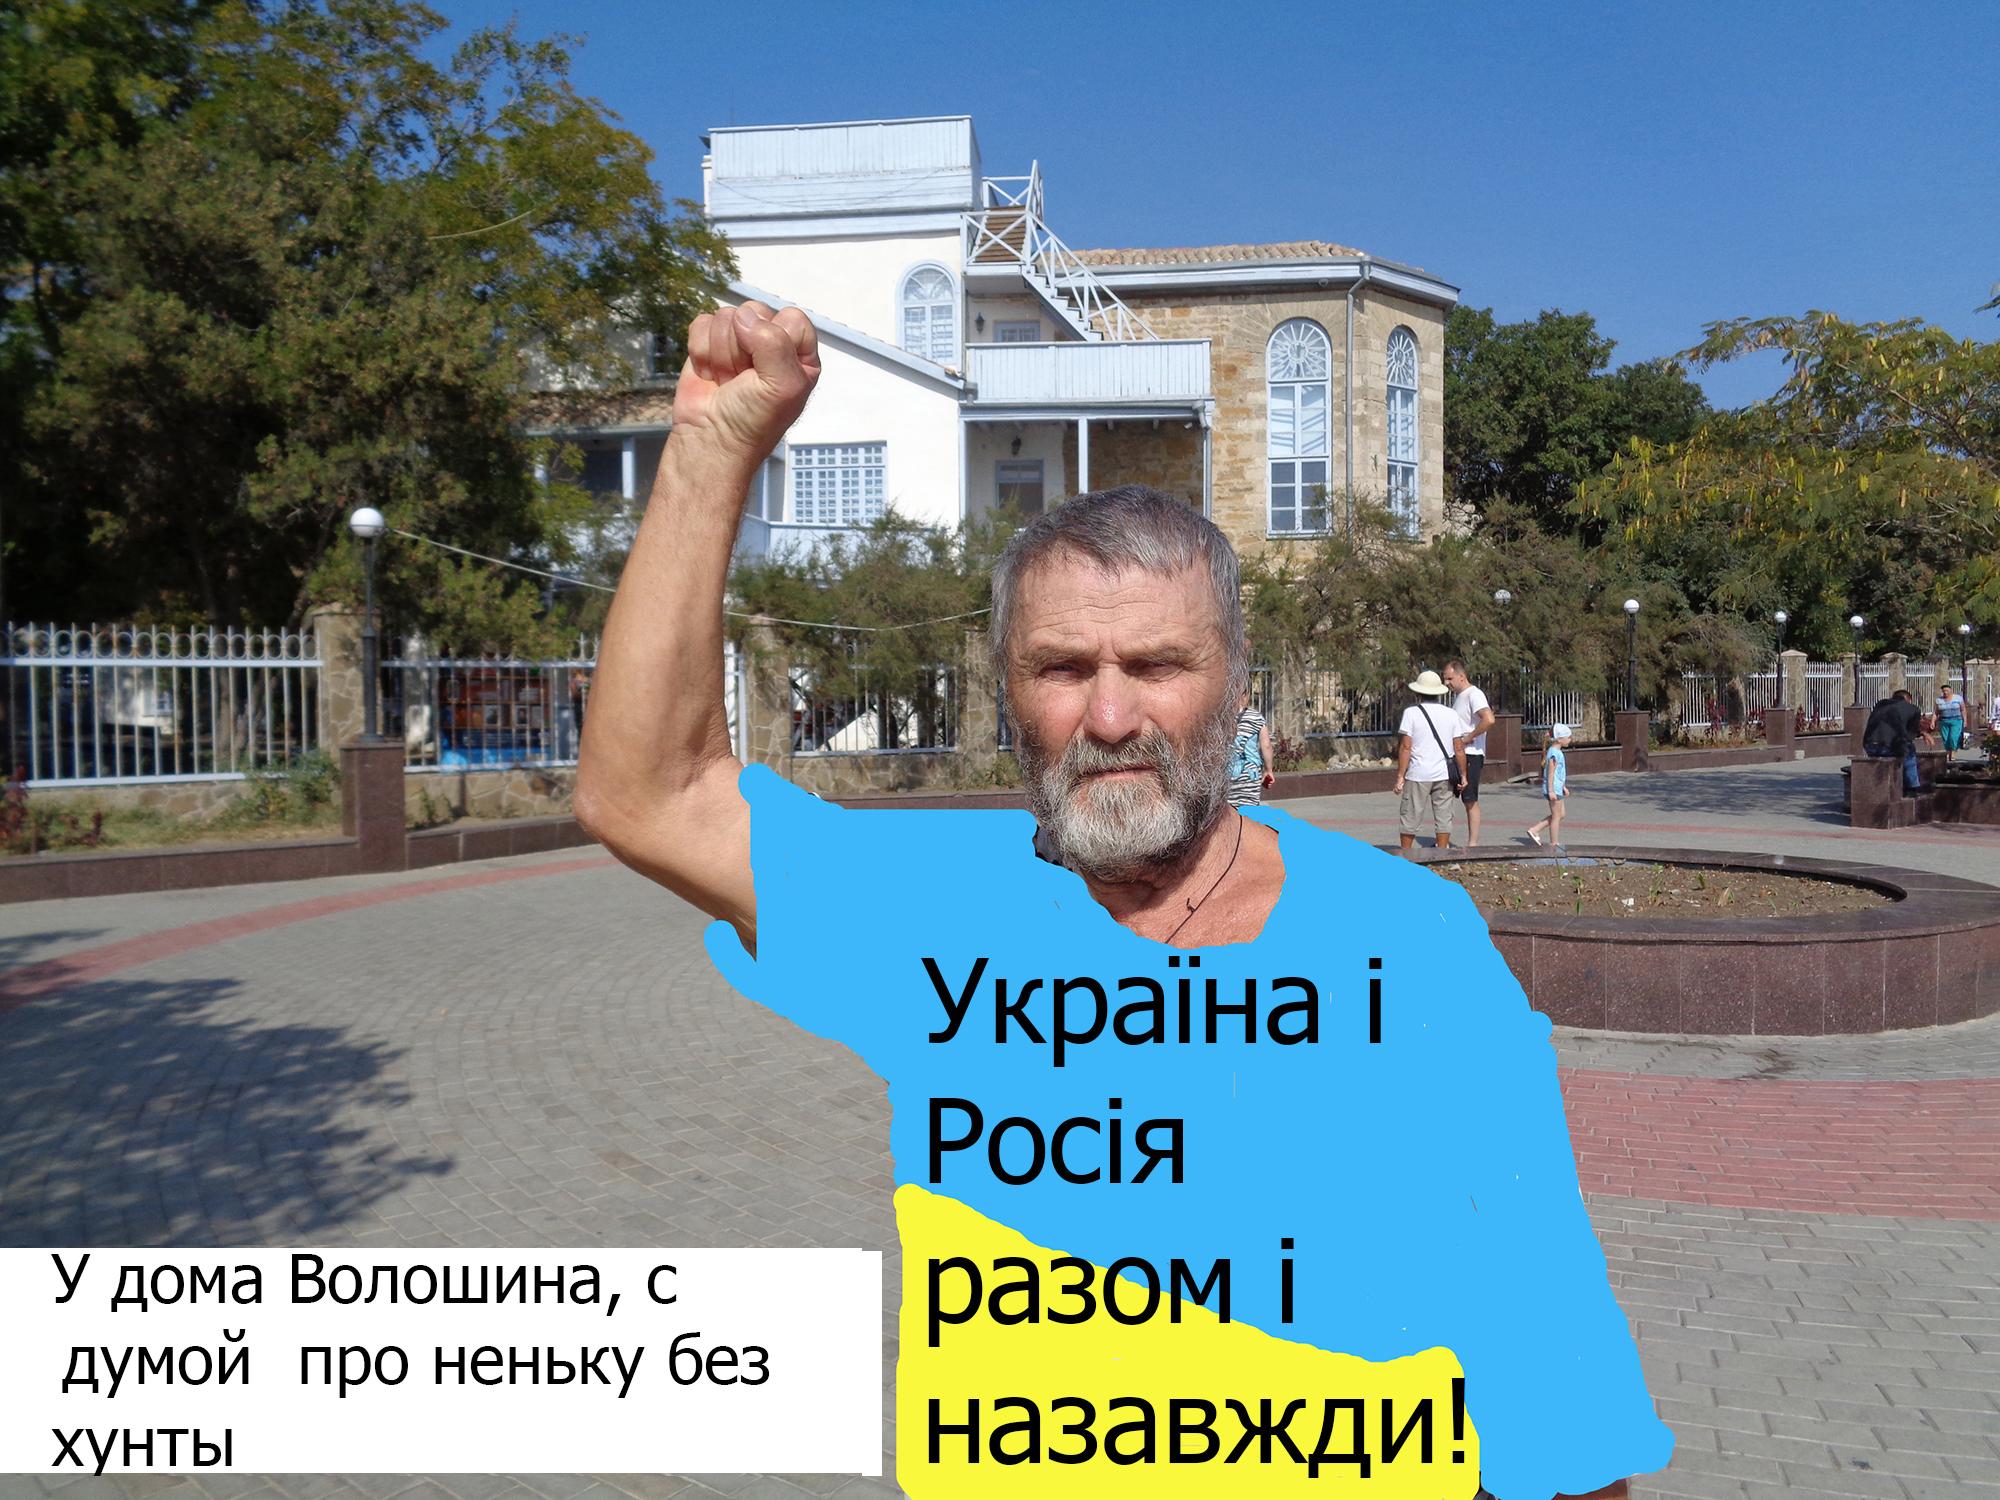 Картинки по запросу Вилен очаковский фото просто правда